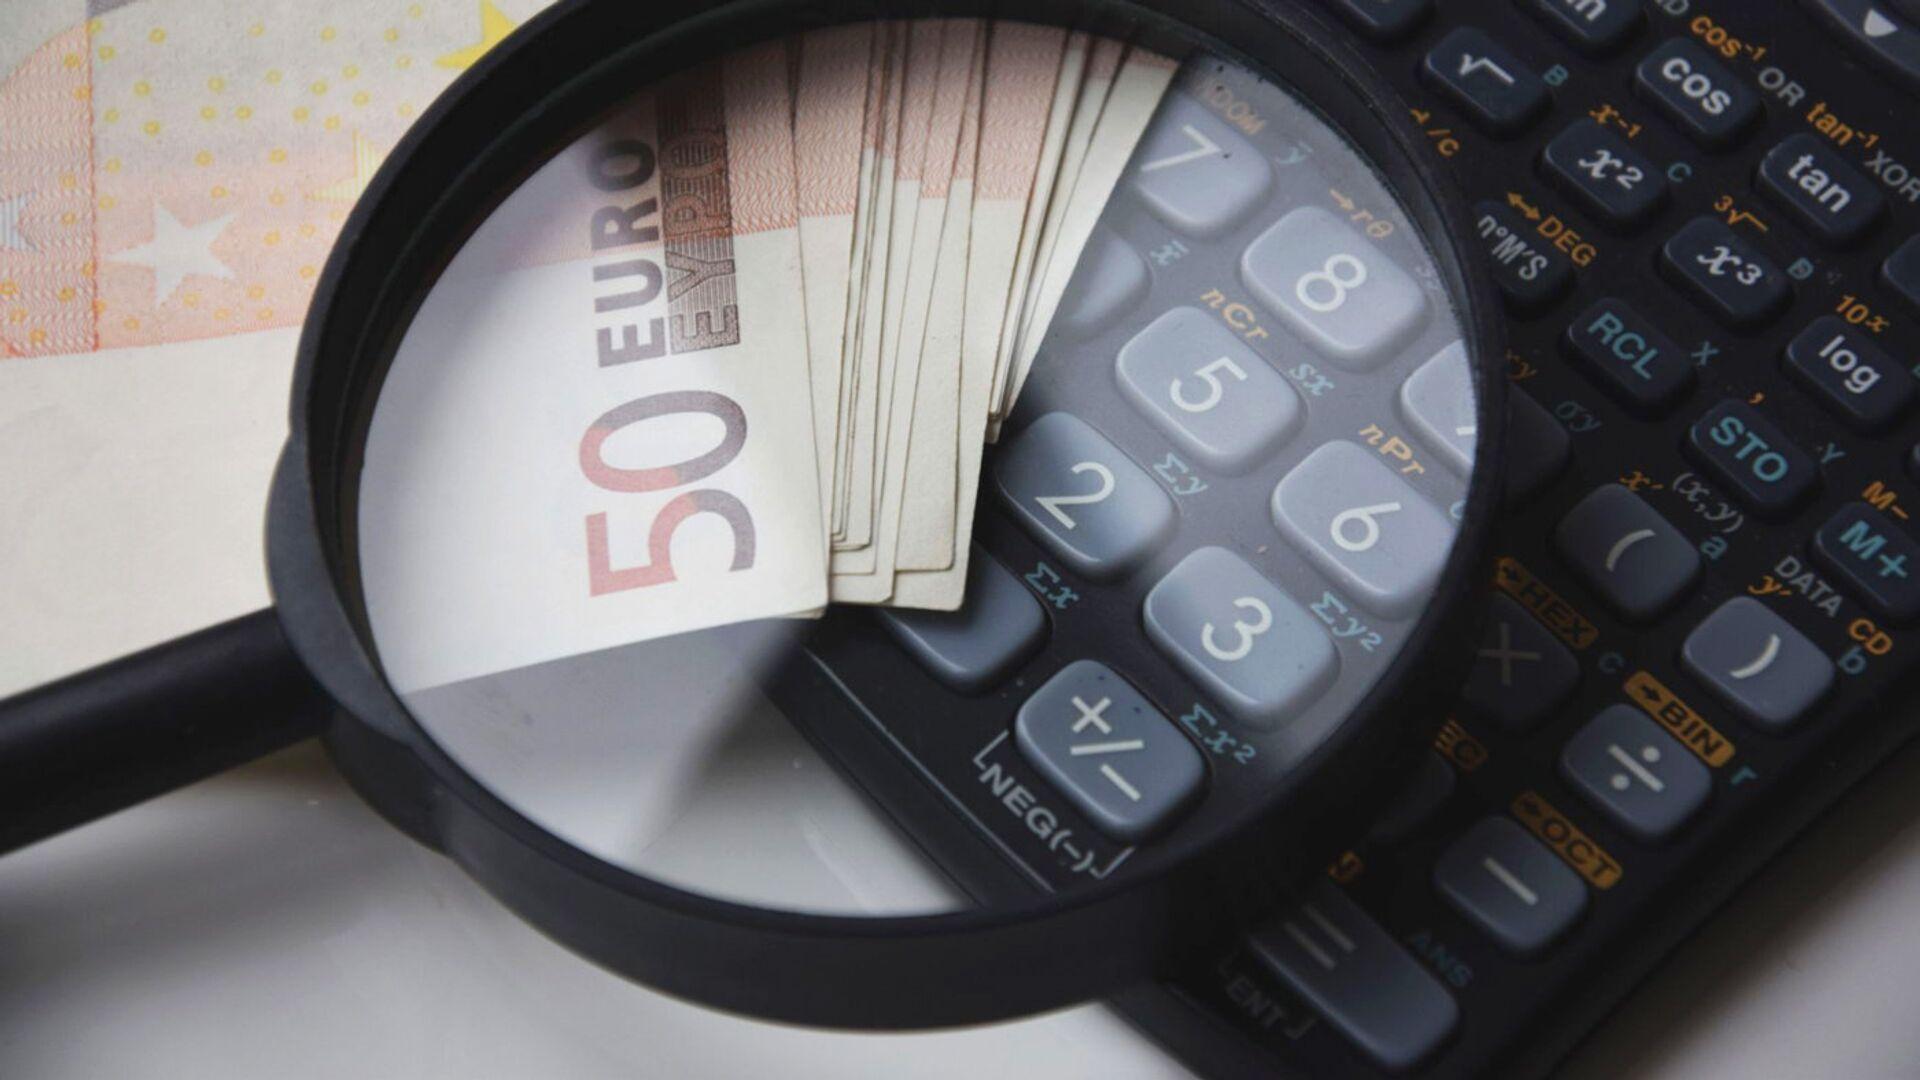 Eiro naudaszīmes un kalkulātors - Sputnik Latvija, 1920, 20.09.2021